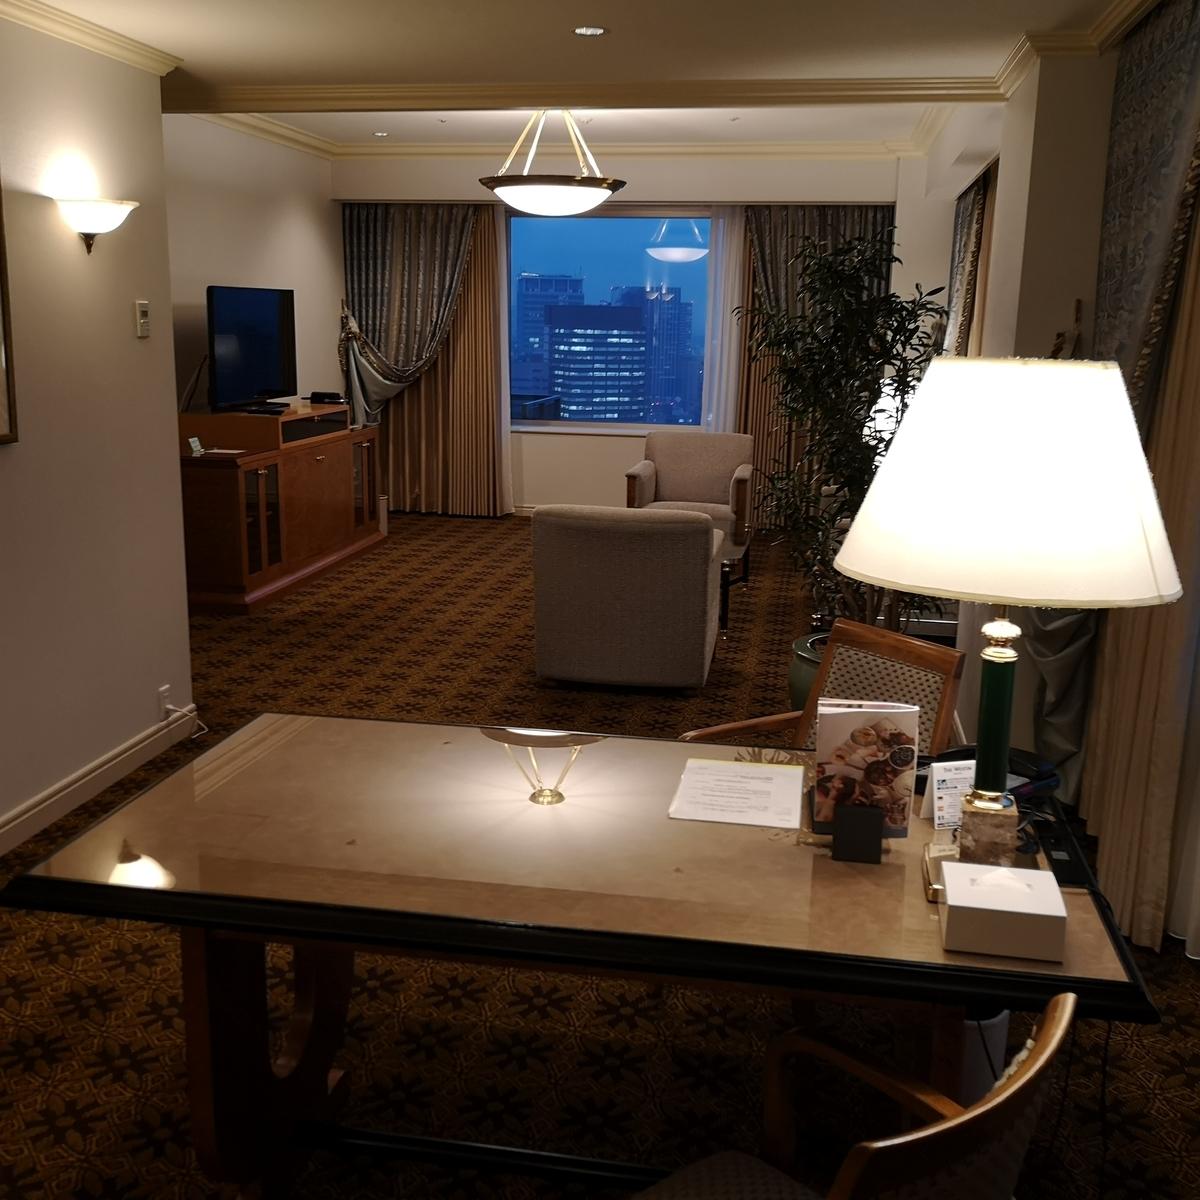 ウェスティンホテル大阪 エグゼクティブスイート リビング